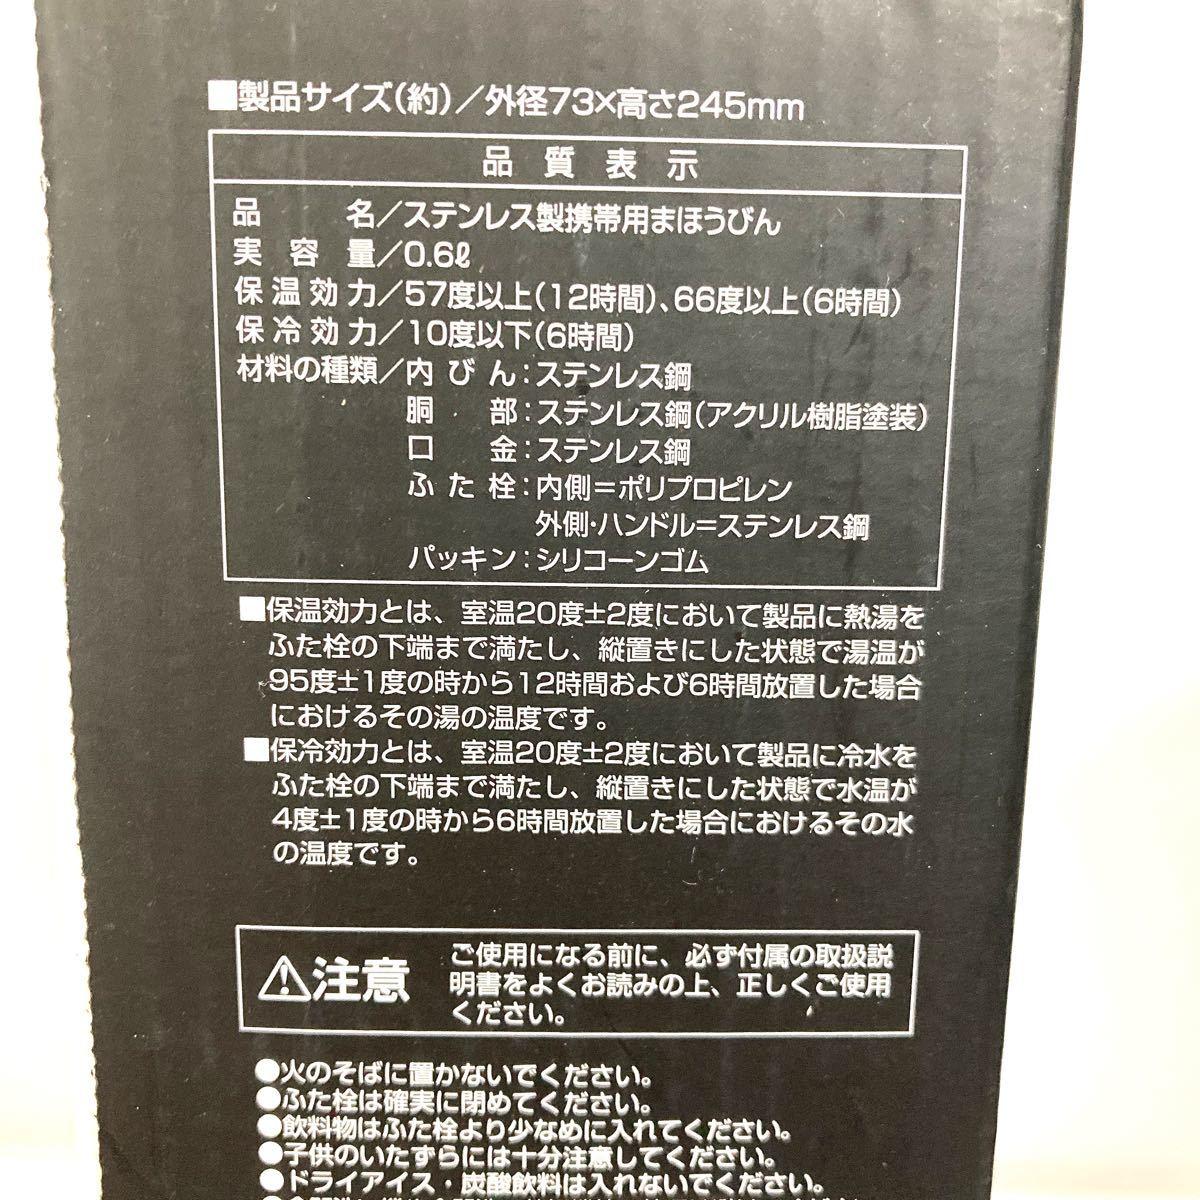 新品 キャプテンスタッグ(CAPTAIN STAG) マーベル スポーツボトル 黒 水筒 直飲み 真空断熱 HDボトル 600ml